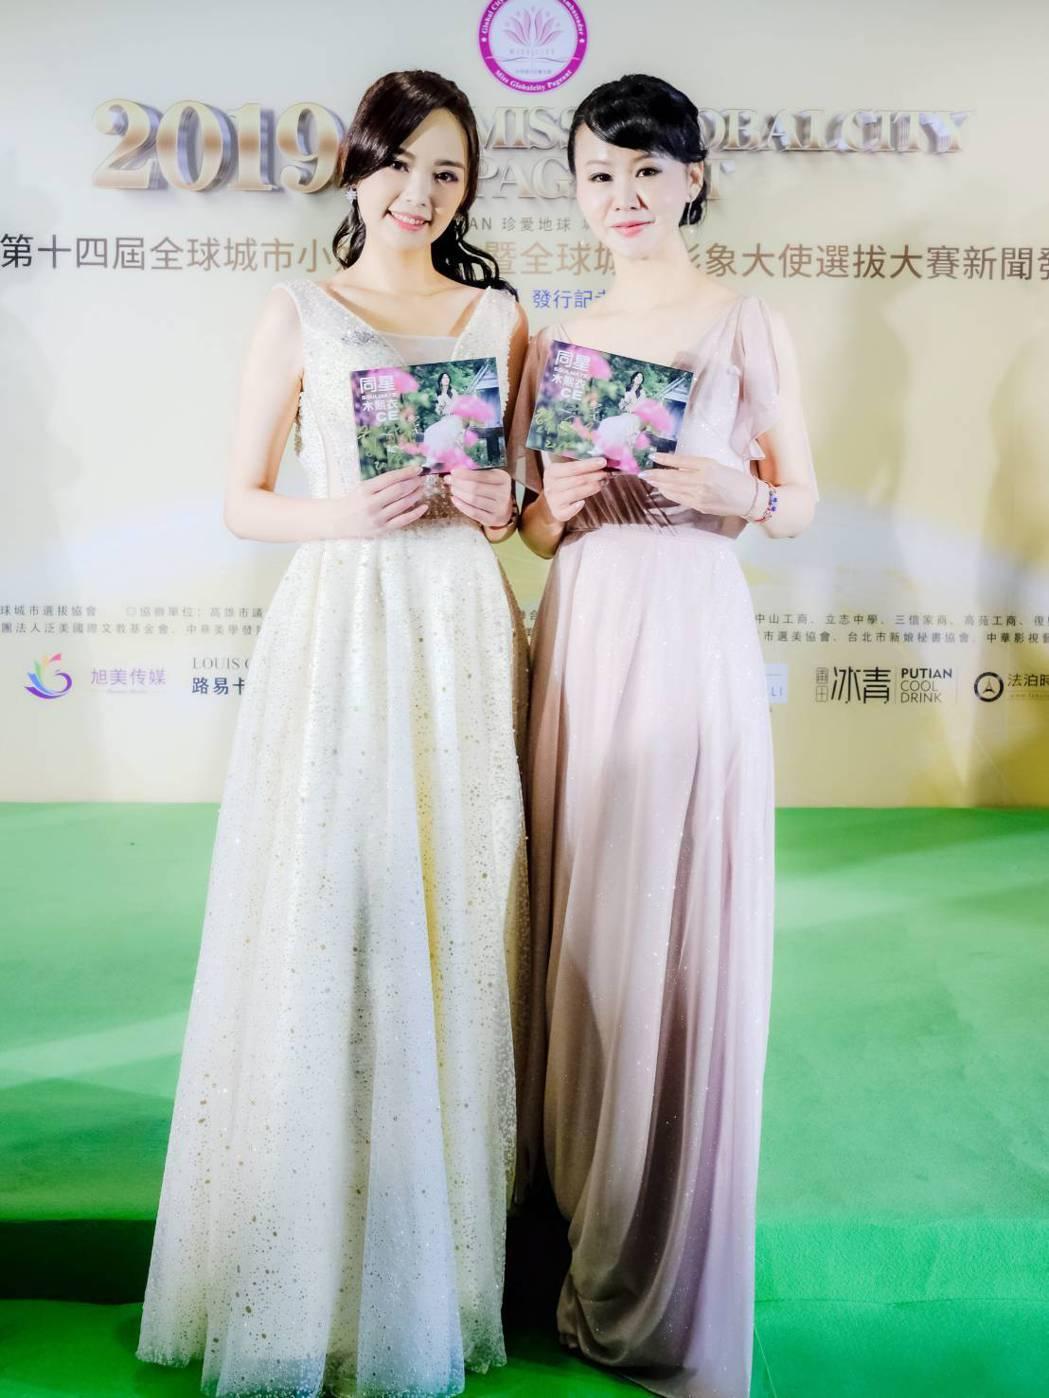 木熙衣與張如君。圖/全球城市小姐選拔協會提供